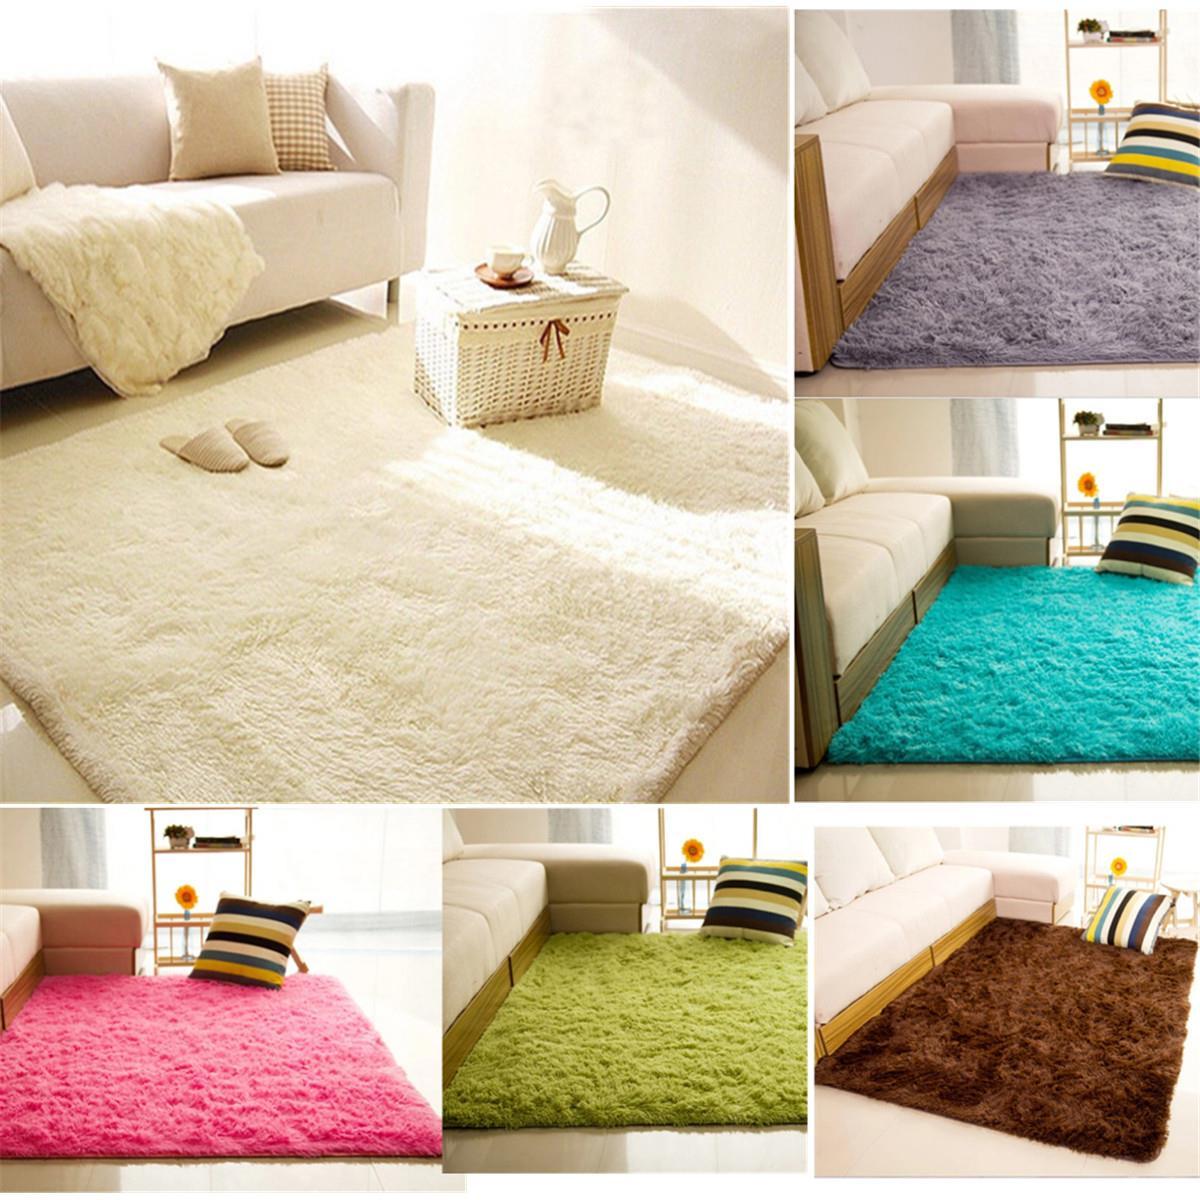 Compra viven alfombras habitacin online al por mayor de